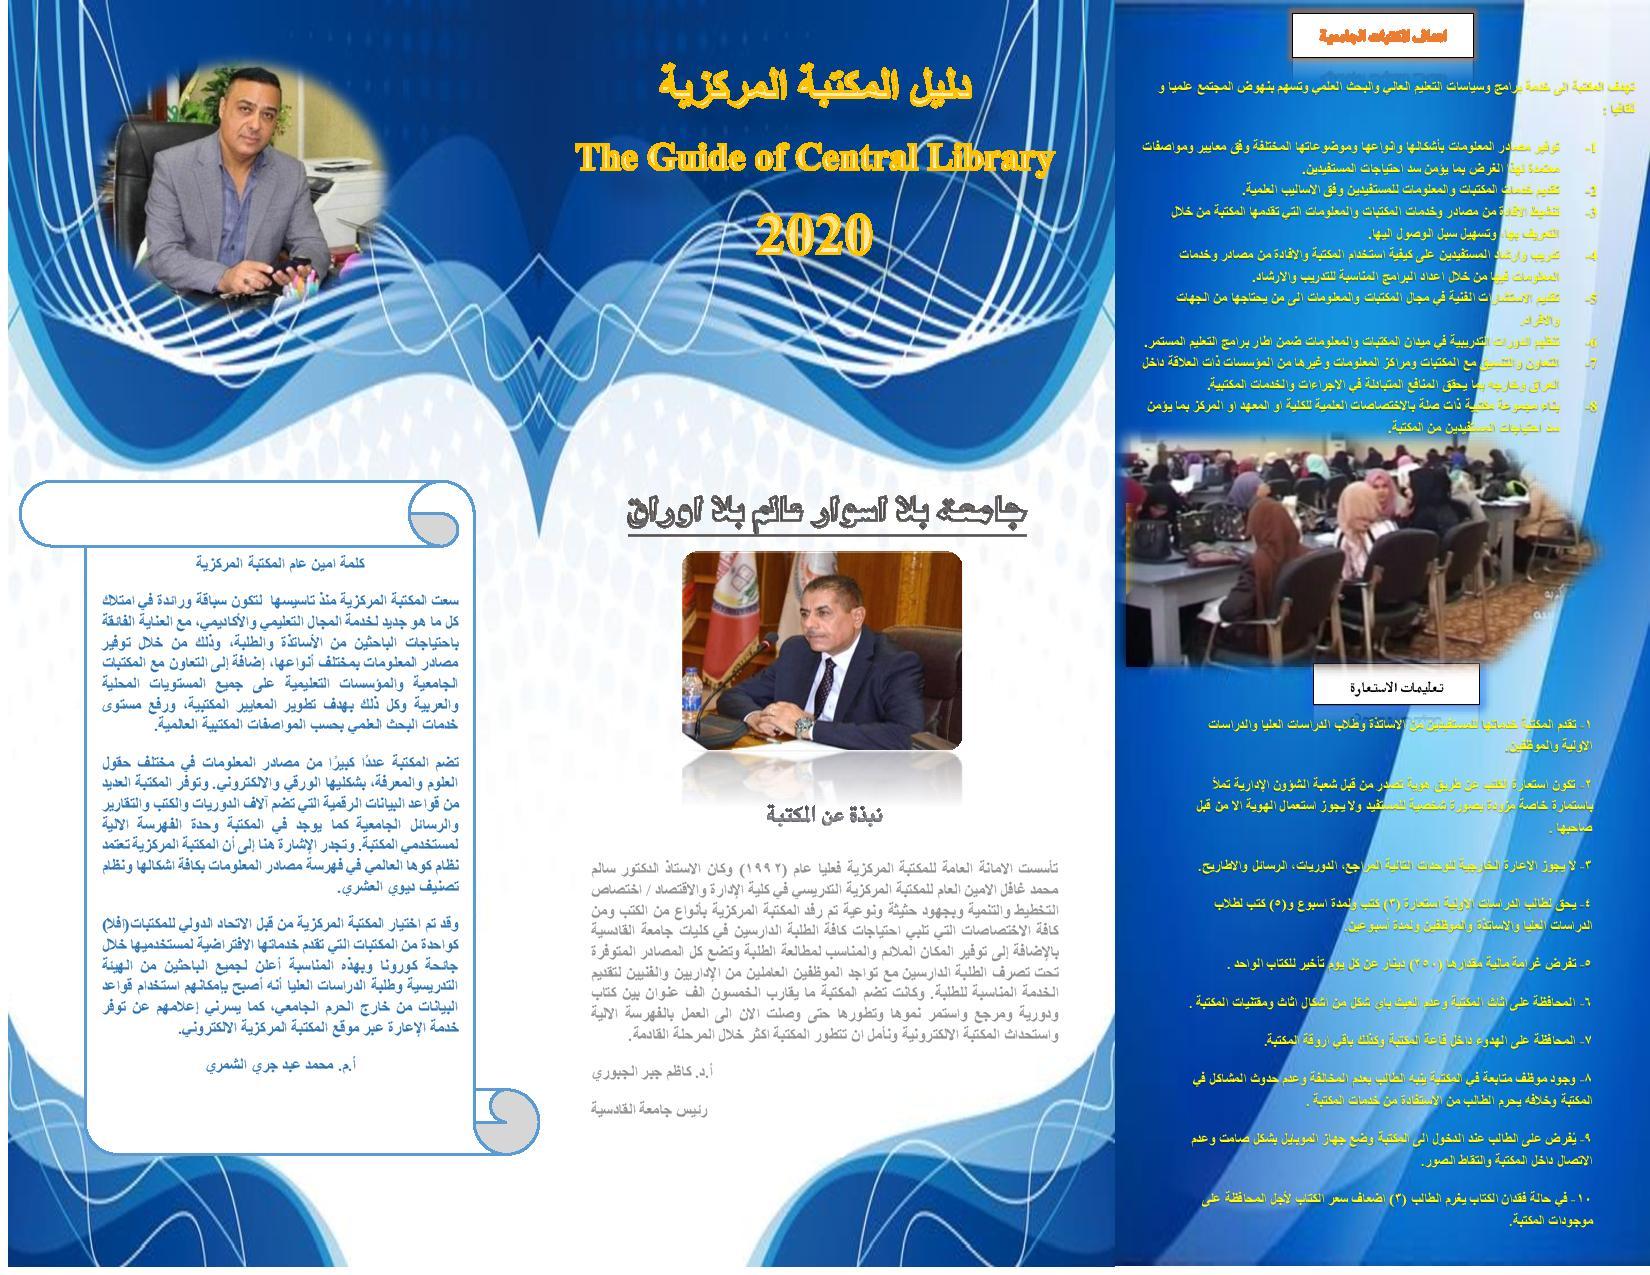 دليل المكتبة التعريفي لعام 2020